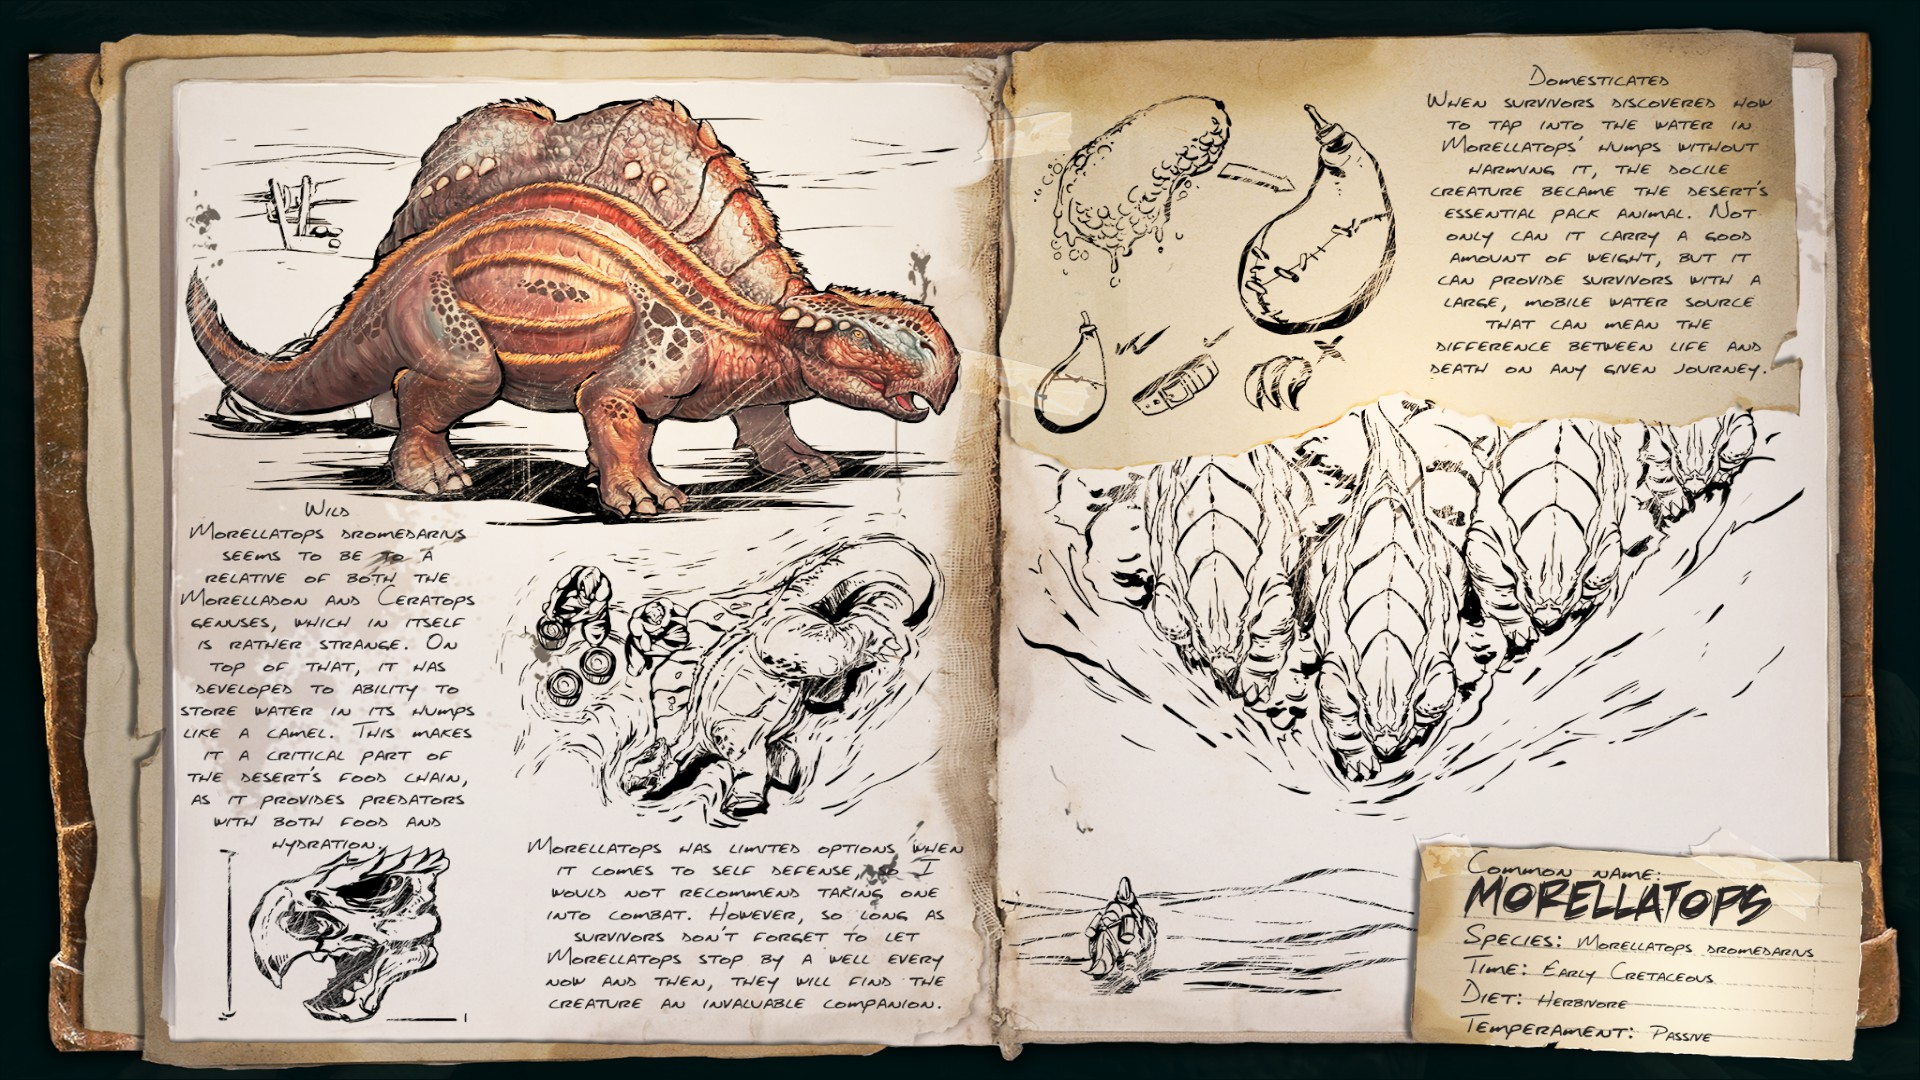 Dino Dossier: Morellatops (Scorched Earth)